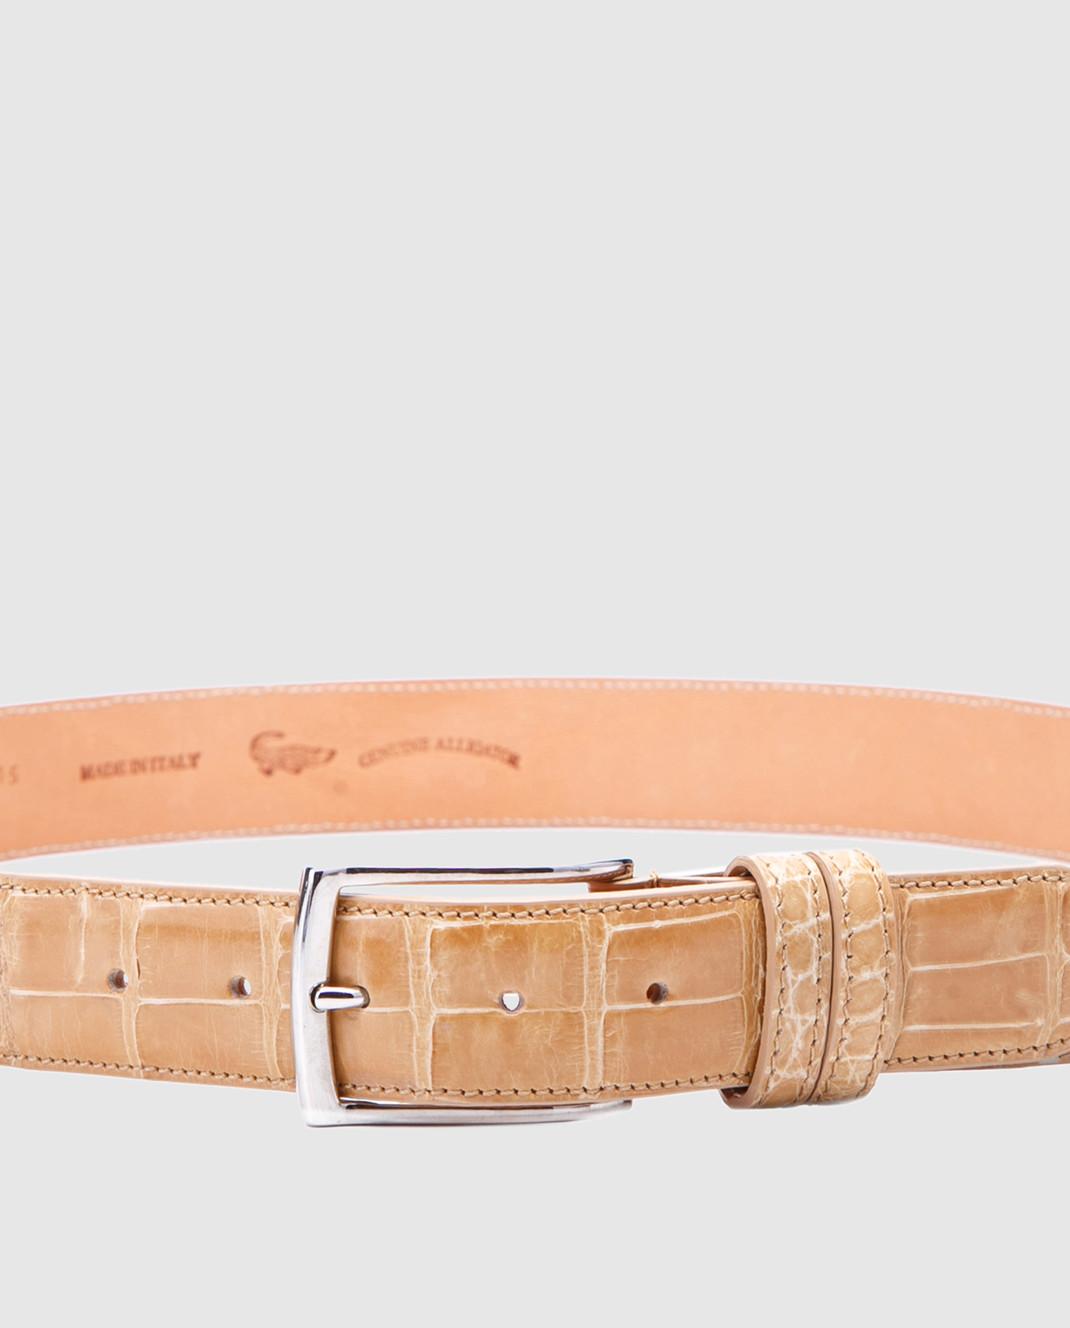 Bochicchio Песочный кожаный ремень ALLIGATBELTS изображение 3